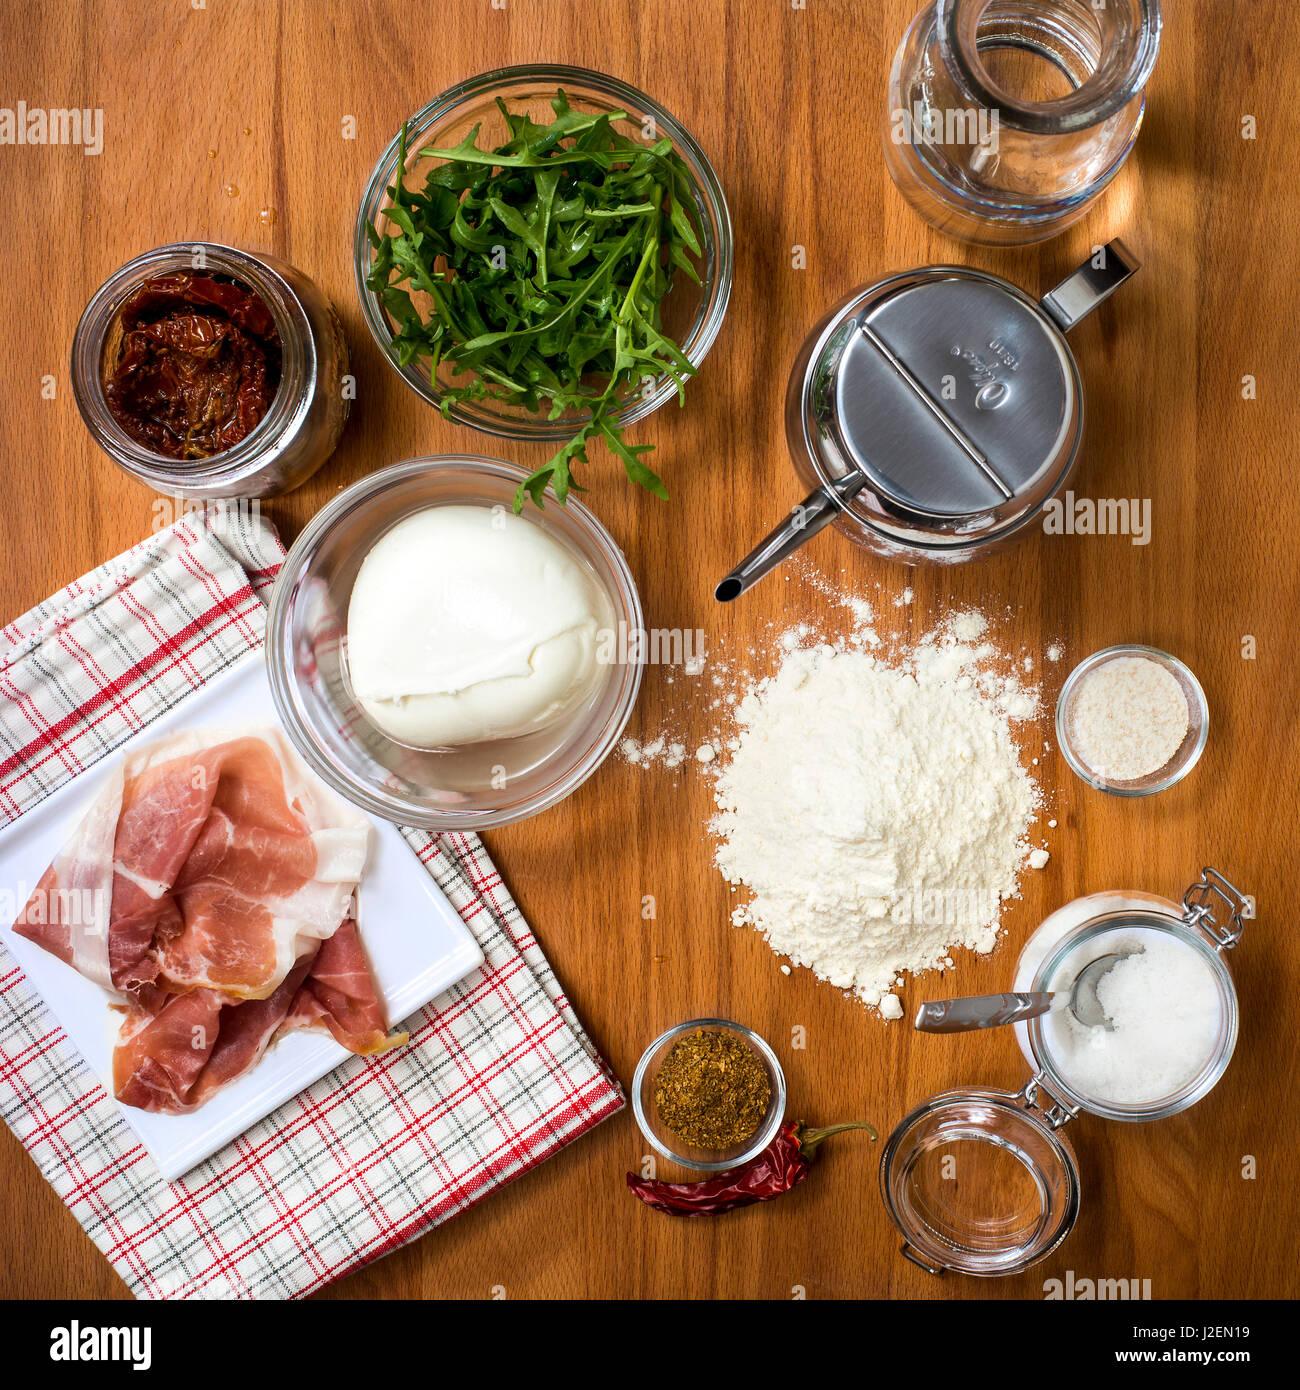 Los ingredientes a la mesa de madera en la cocina, un alto ángulo de visualización Foto de stock